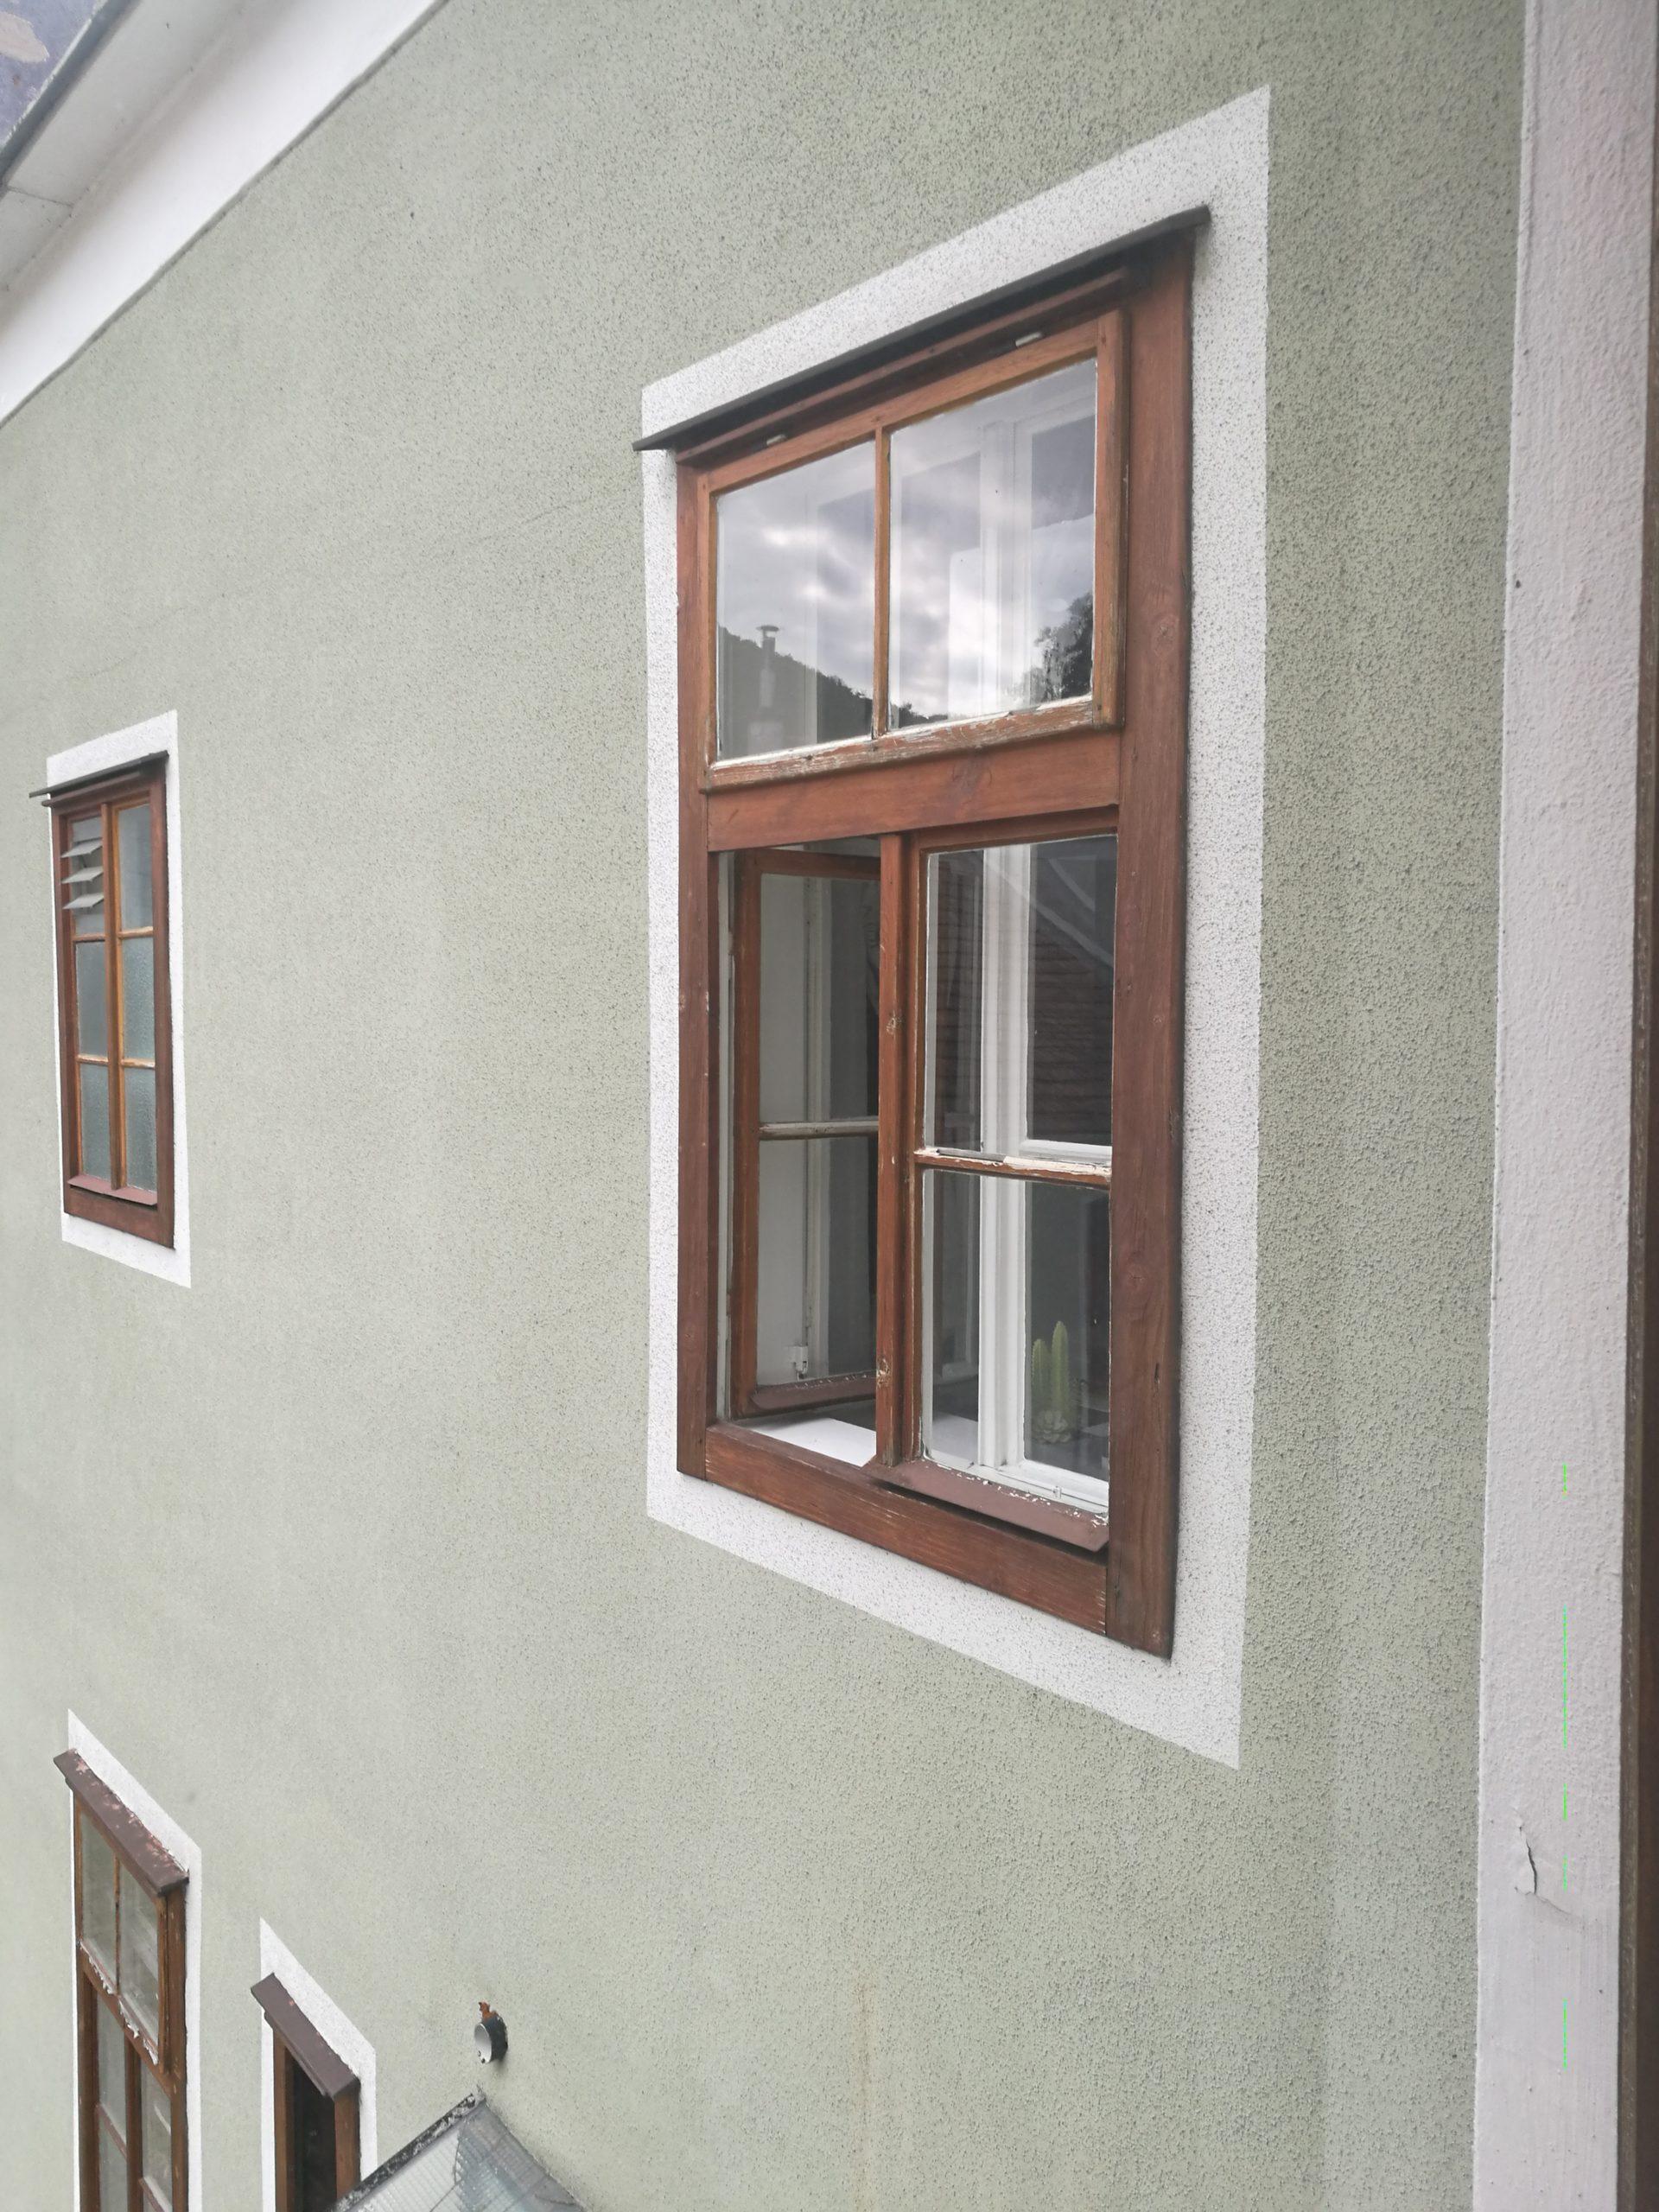 Rathaus-Pottenstein-Altbestand-5